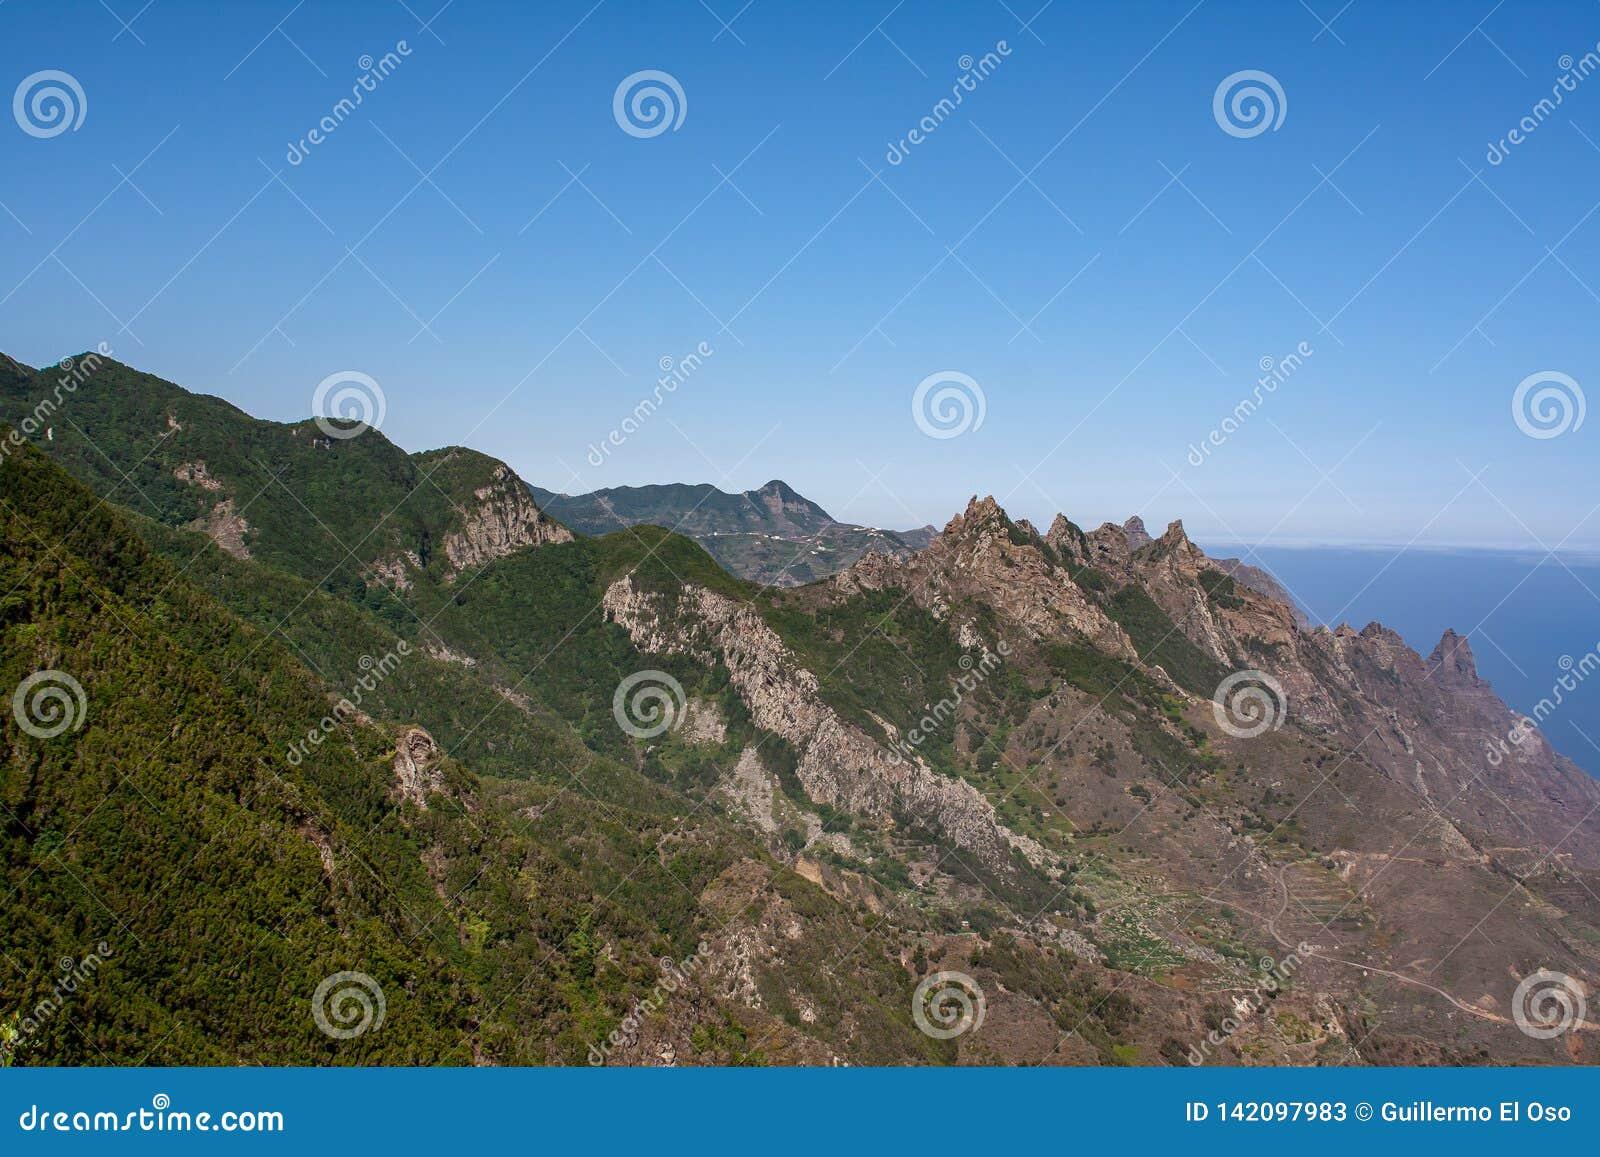 Avlägsen sikt över det Anaga berget